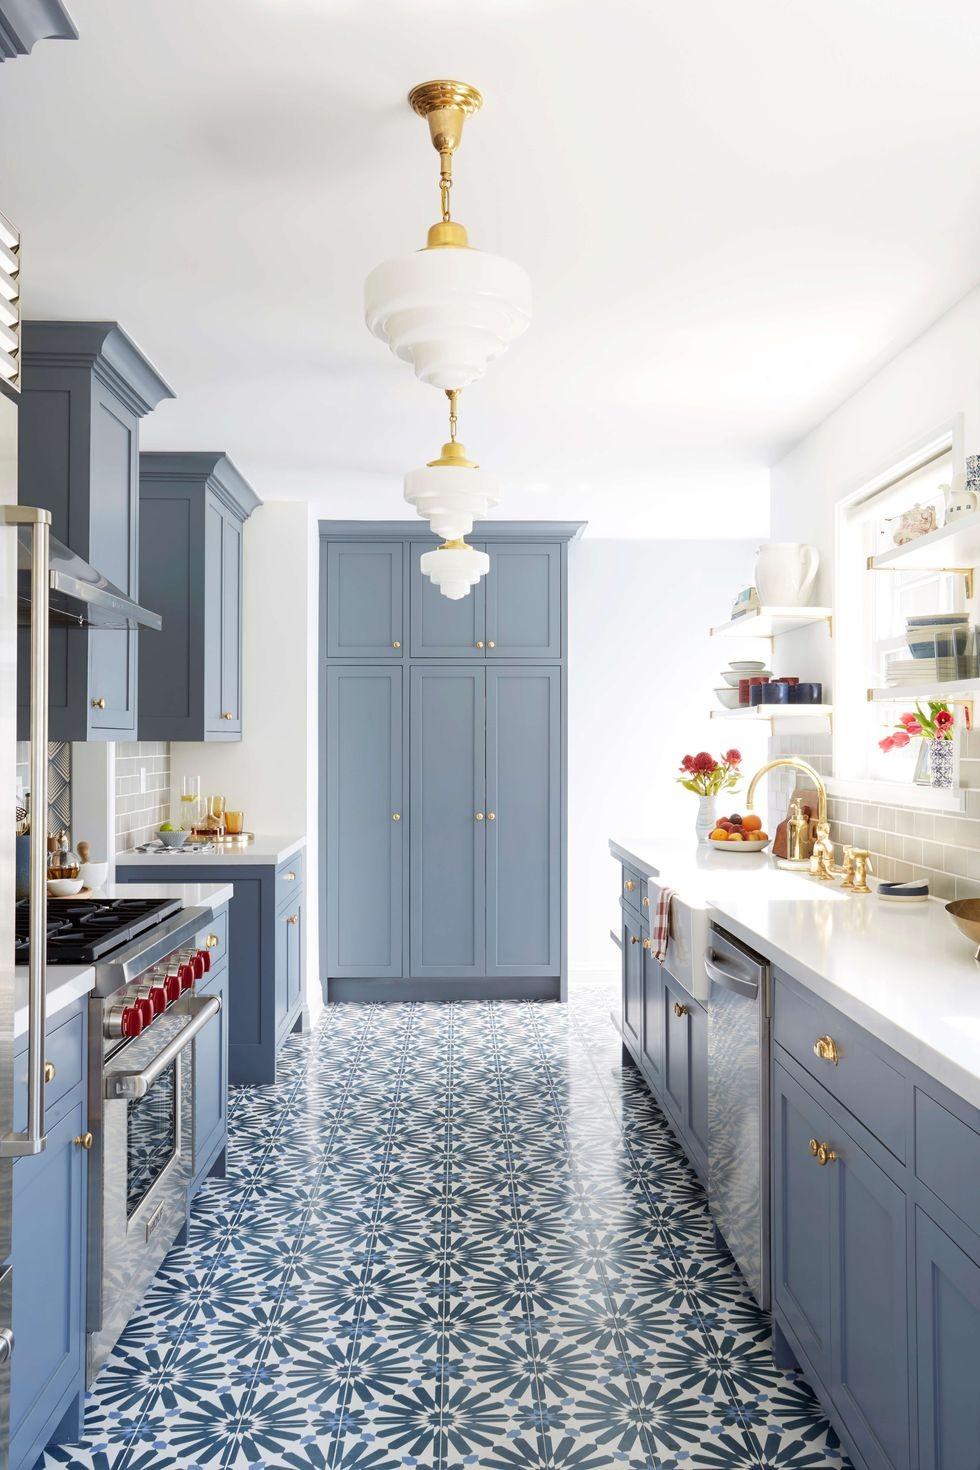 بالصور ديكورات للمطبخ باللون الازرق - سيراميك أرضيات أزرق